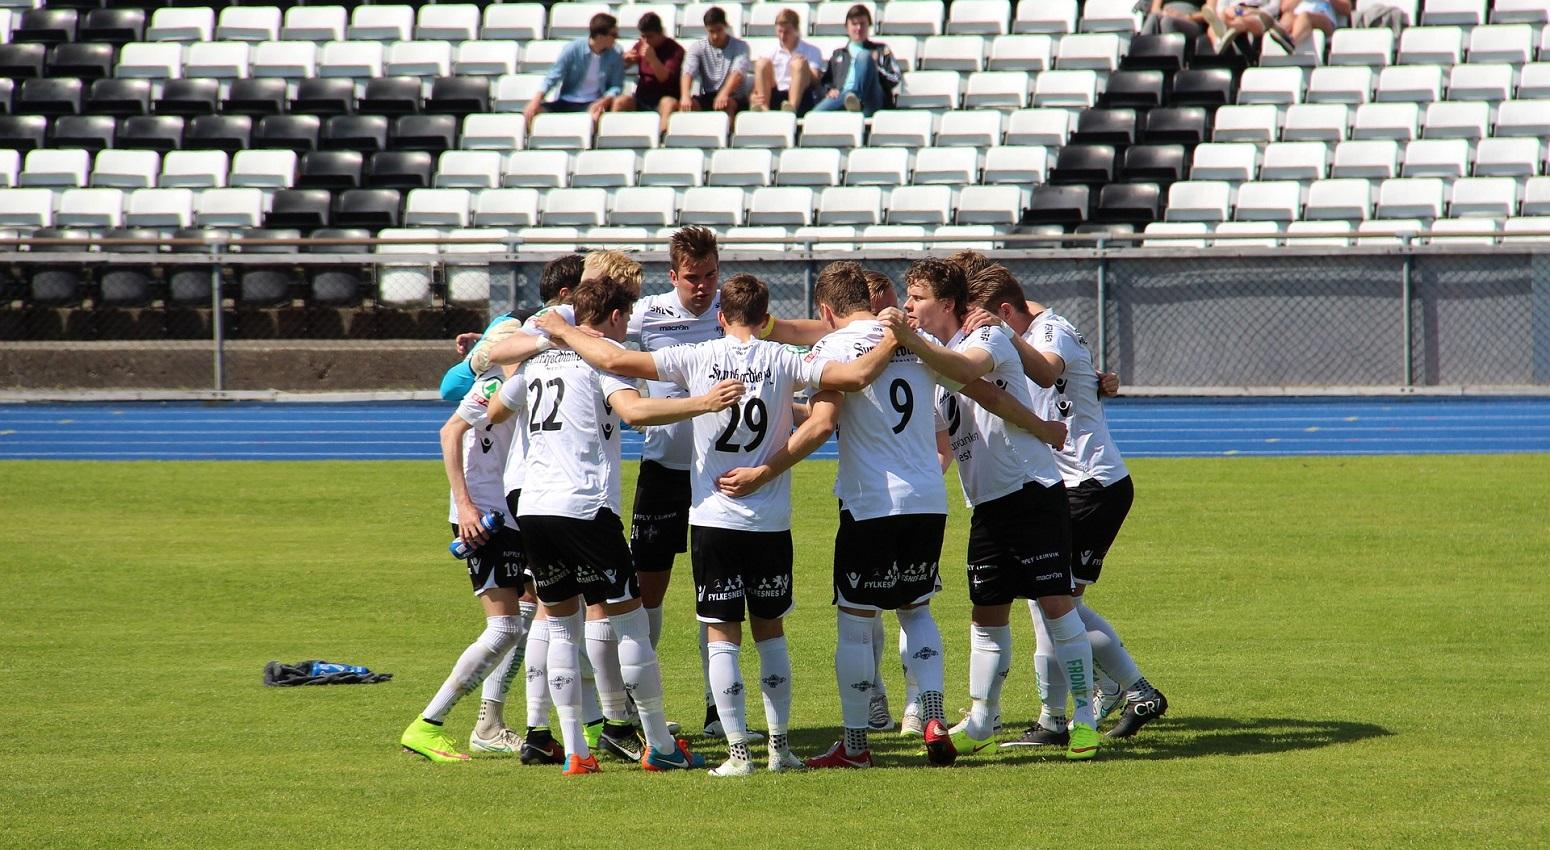 equipo juvenil futbol